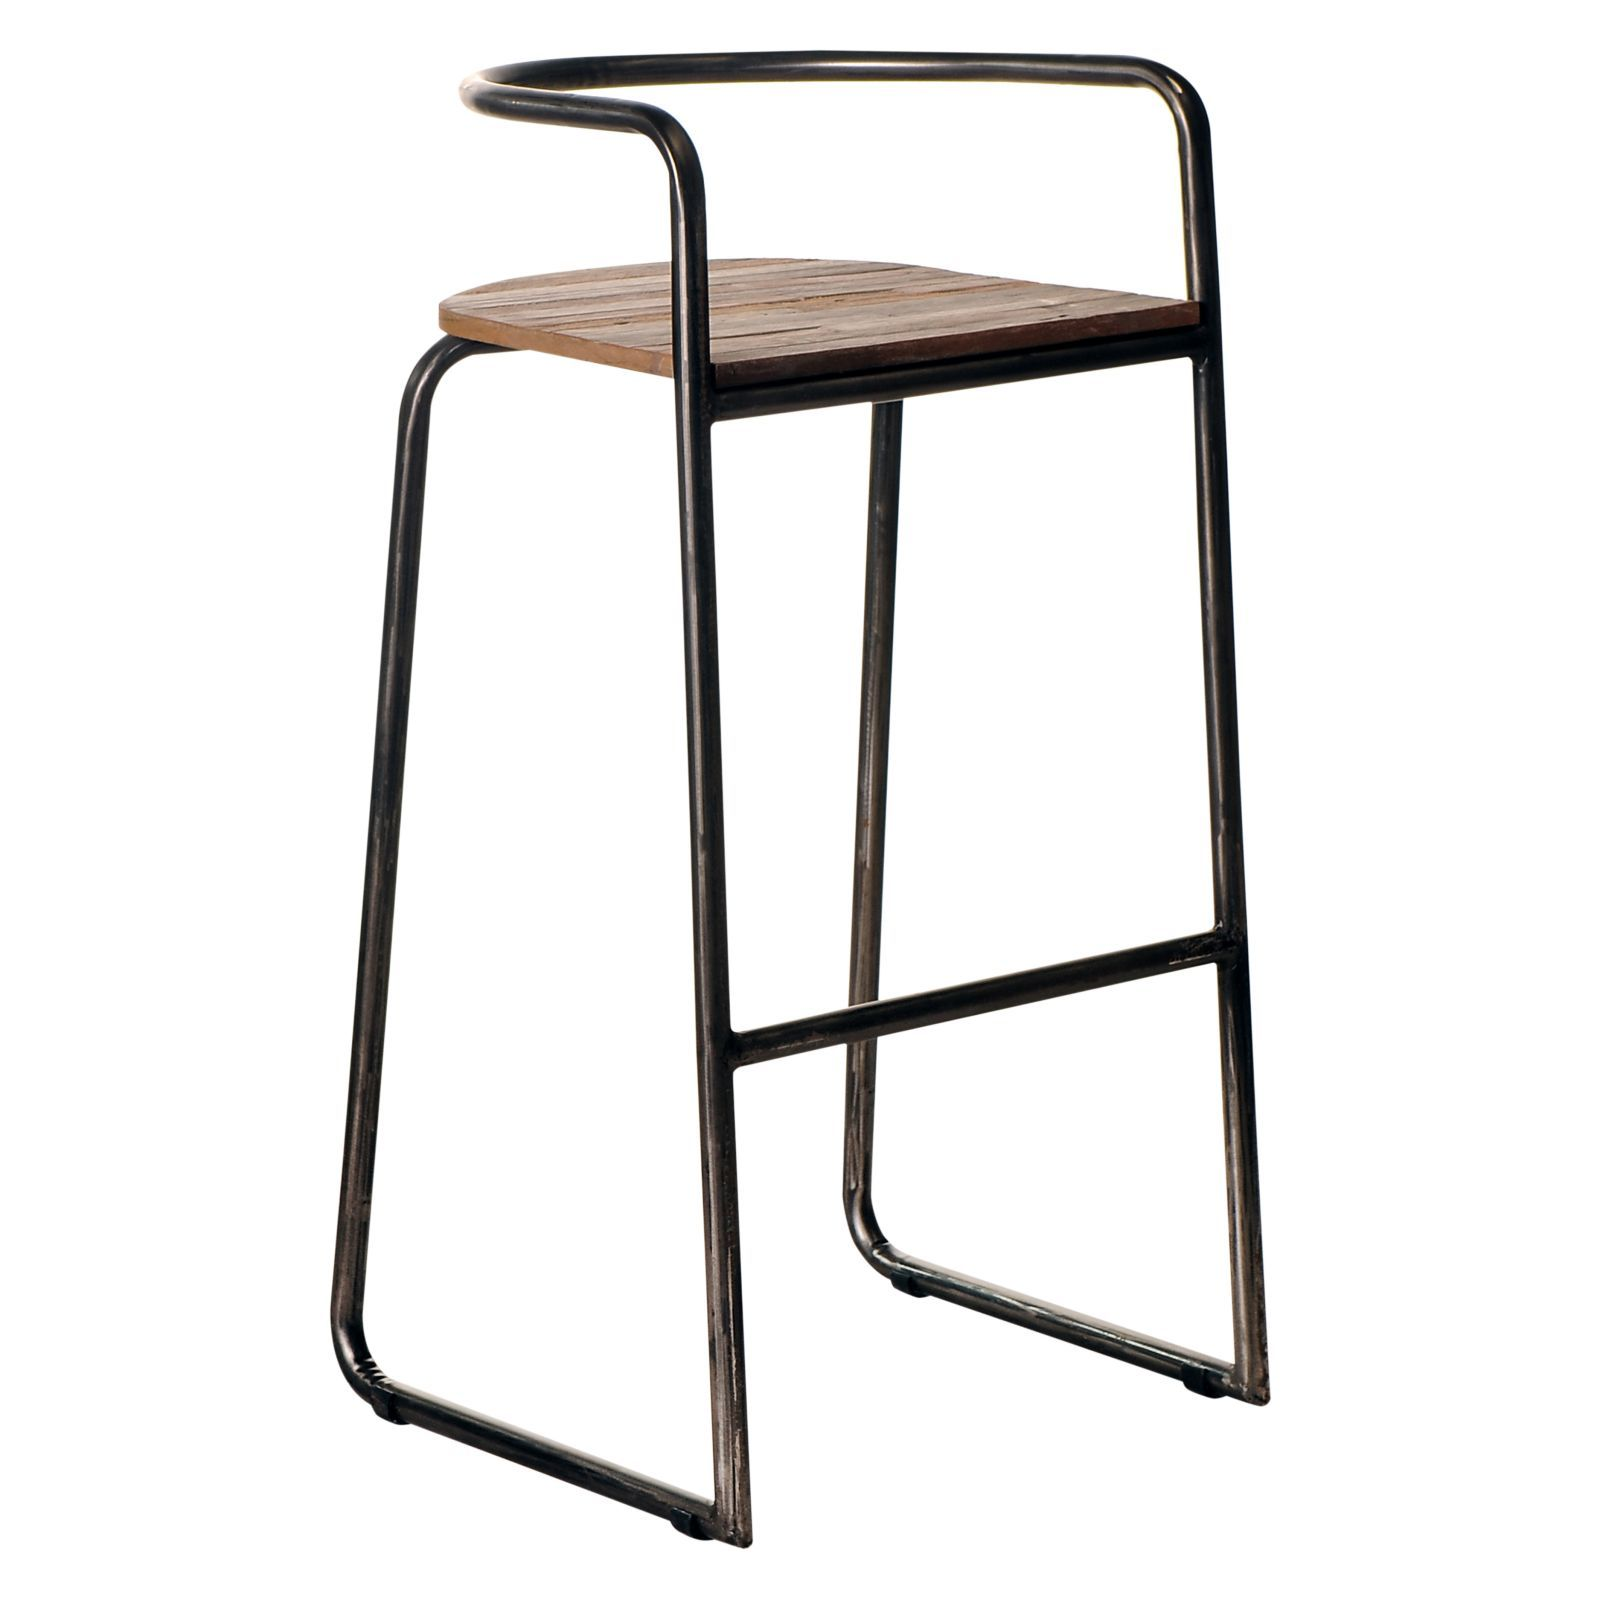 Soundslike HOME Retro Bar Stool Zanuicomau Furniture  : b510e1eb41e6d773946d3f7c569a85b7 from www.pinterest.com size 1600 x 1600 jpeg 89kB